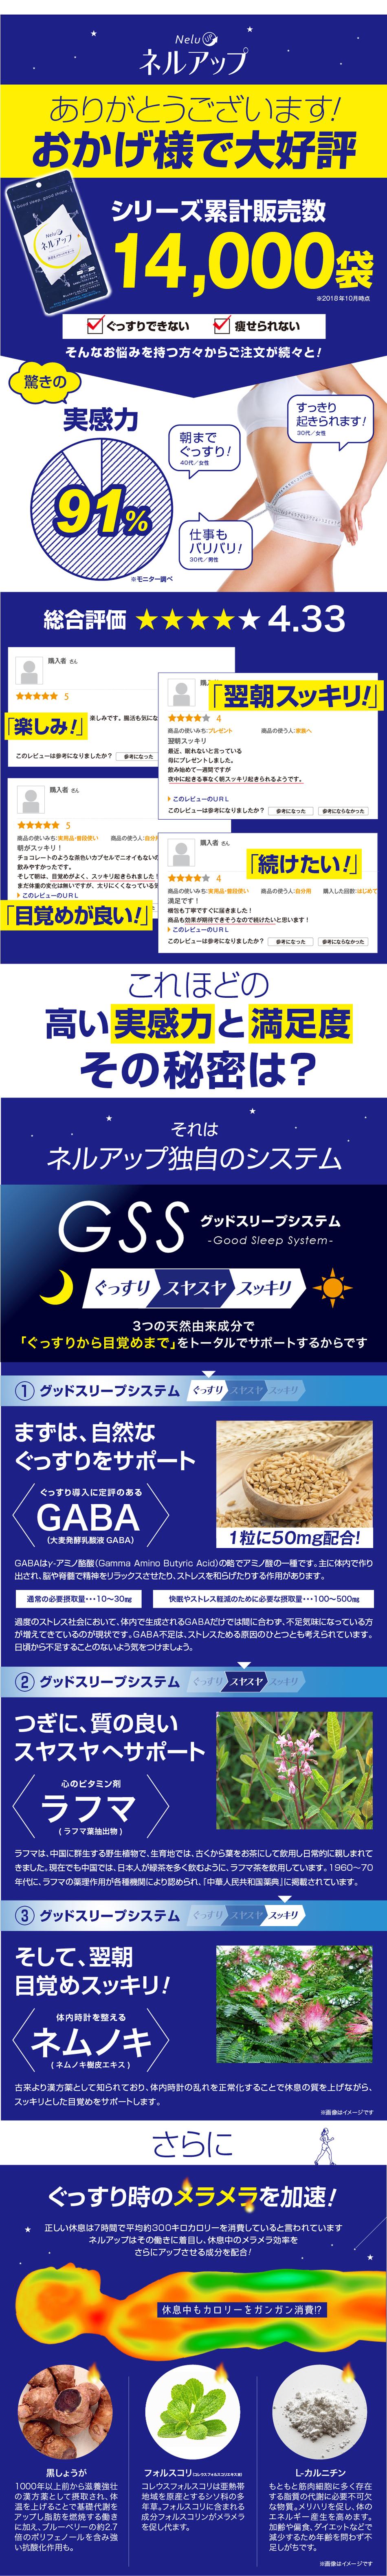 """正しい睡眠は7時間で平均約300キロカロリーを消費していると言われ、約7kmのジョギングをした時と同じ消費量になります。ネルアップはGSS-グッドスリープシステム-に加え、3つの""""スリムサポート成分""""を配合。質の良い睡眠とともに理想的なボディラインへサポートします。"""